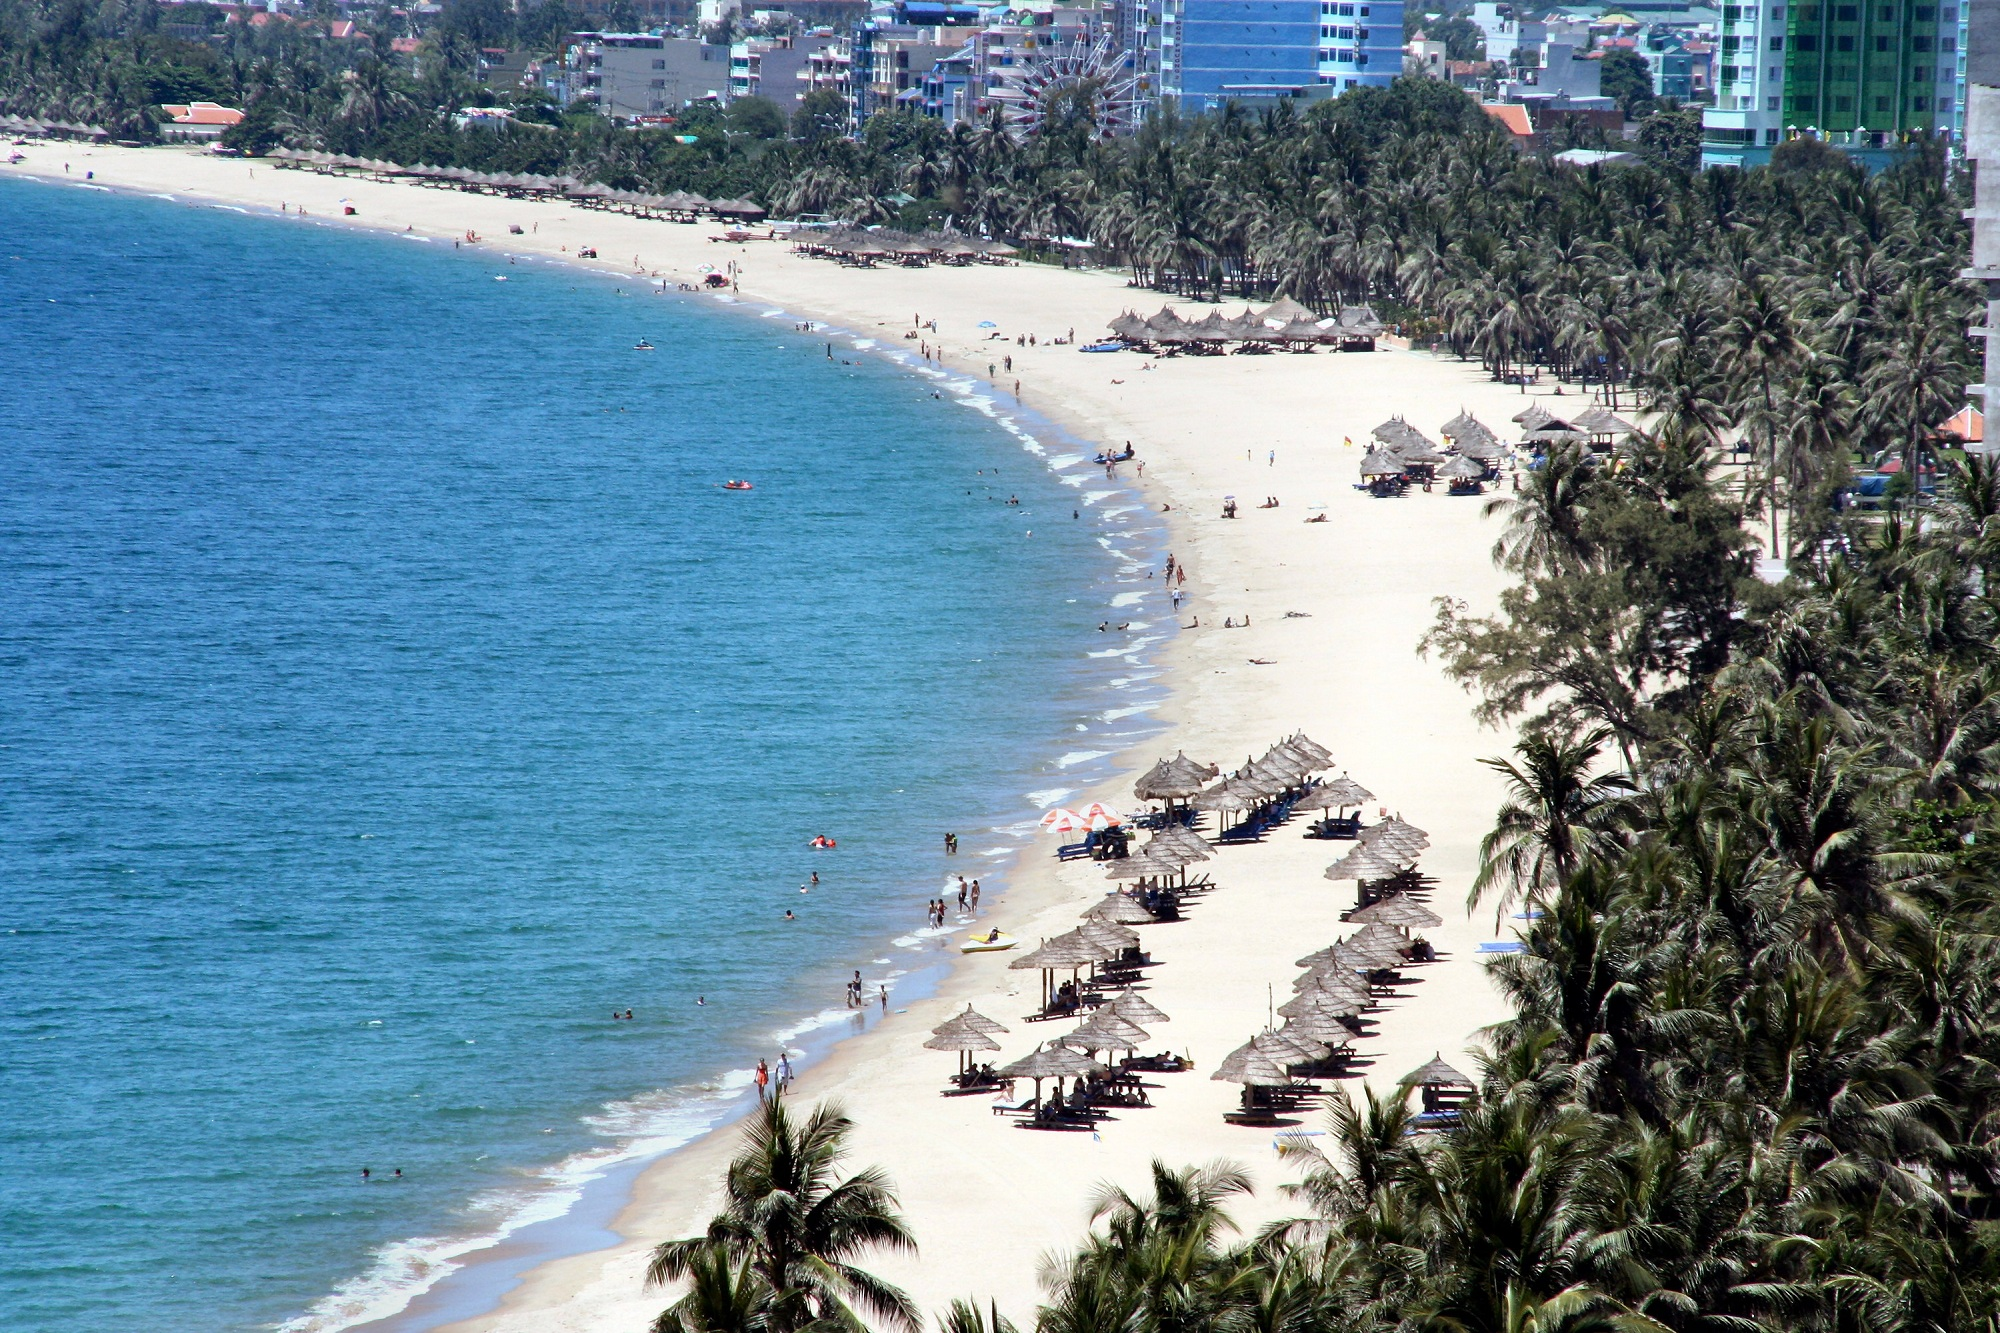 Bãi biển trong xanh, mát rượi